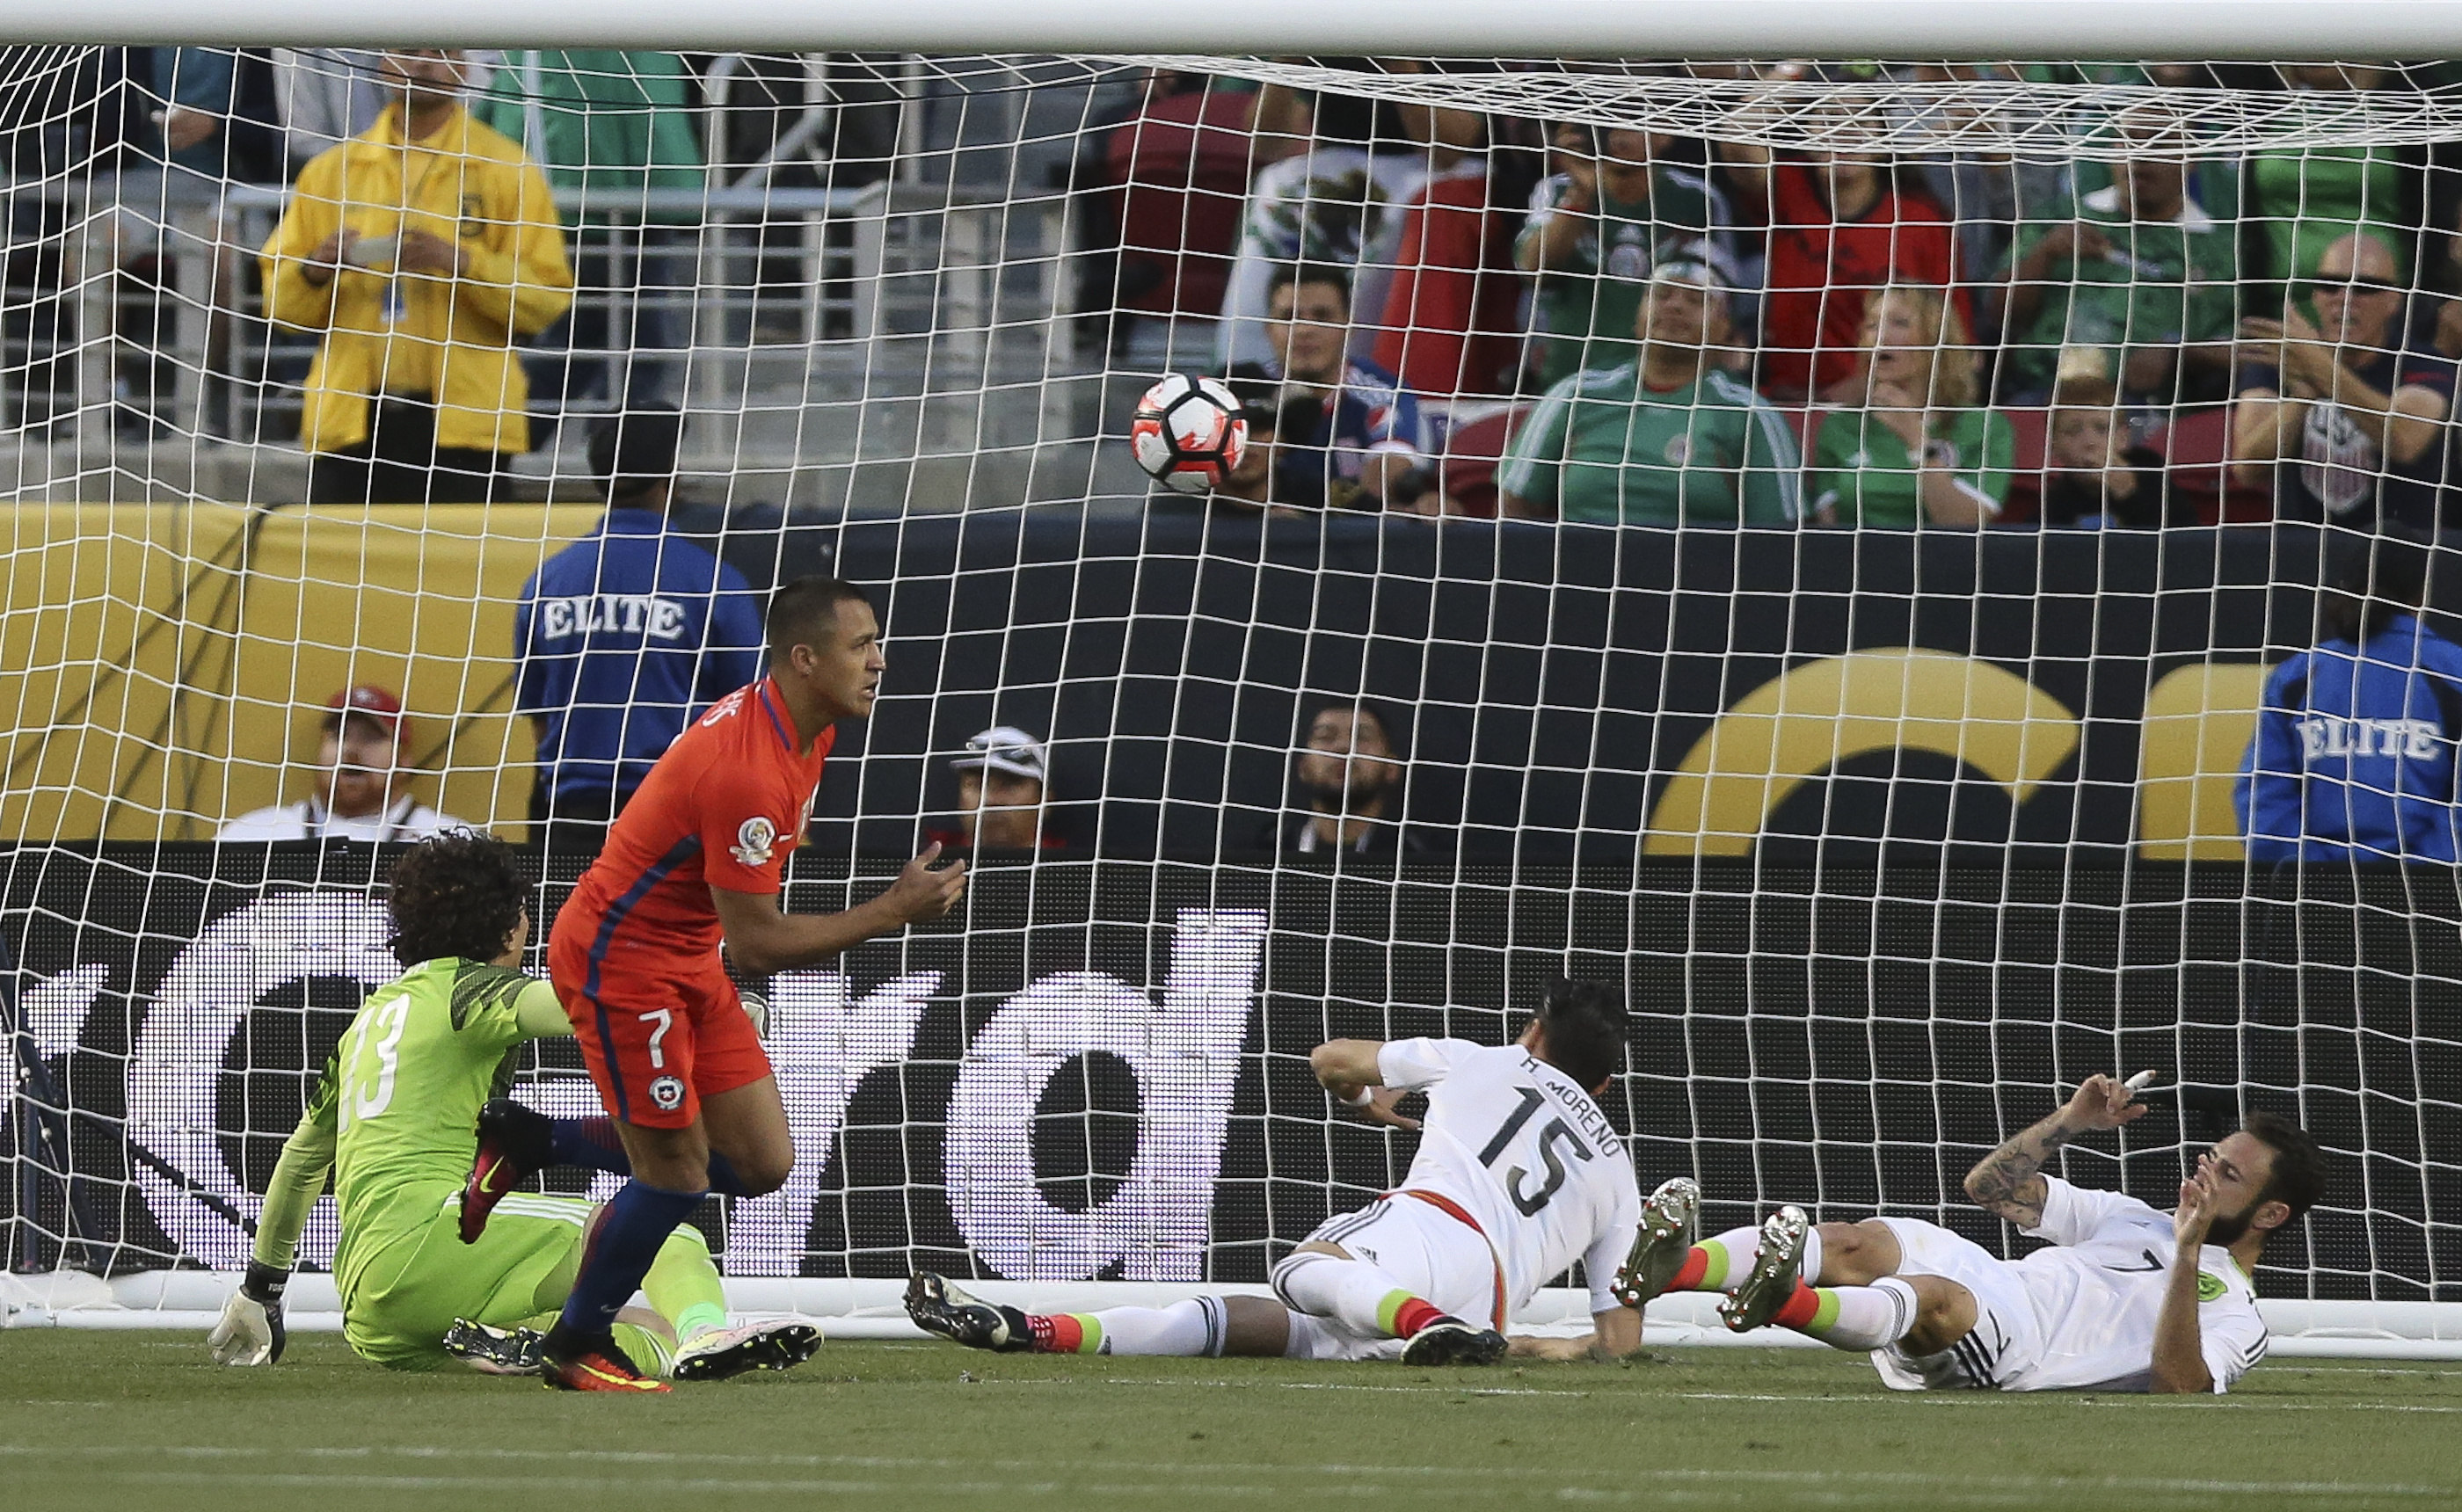 SCL59. SANTA CLARA (CA, EE.UU.), 18/06/2016.- El jugador chileno Alexis Sánchez anota un gol hoy, sábado 18 de junio de 2016, durante un partido entre México y Chile por los cuartos de final de la Copa América Centenario, en el Levi's Stadium de Santa Clara, California (EE.UU.). EFE/David Fernández